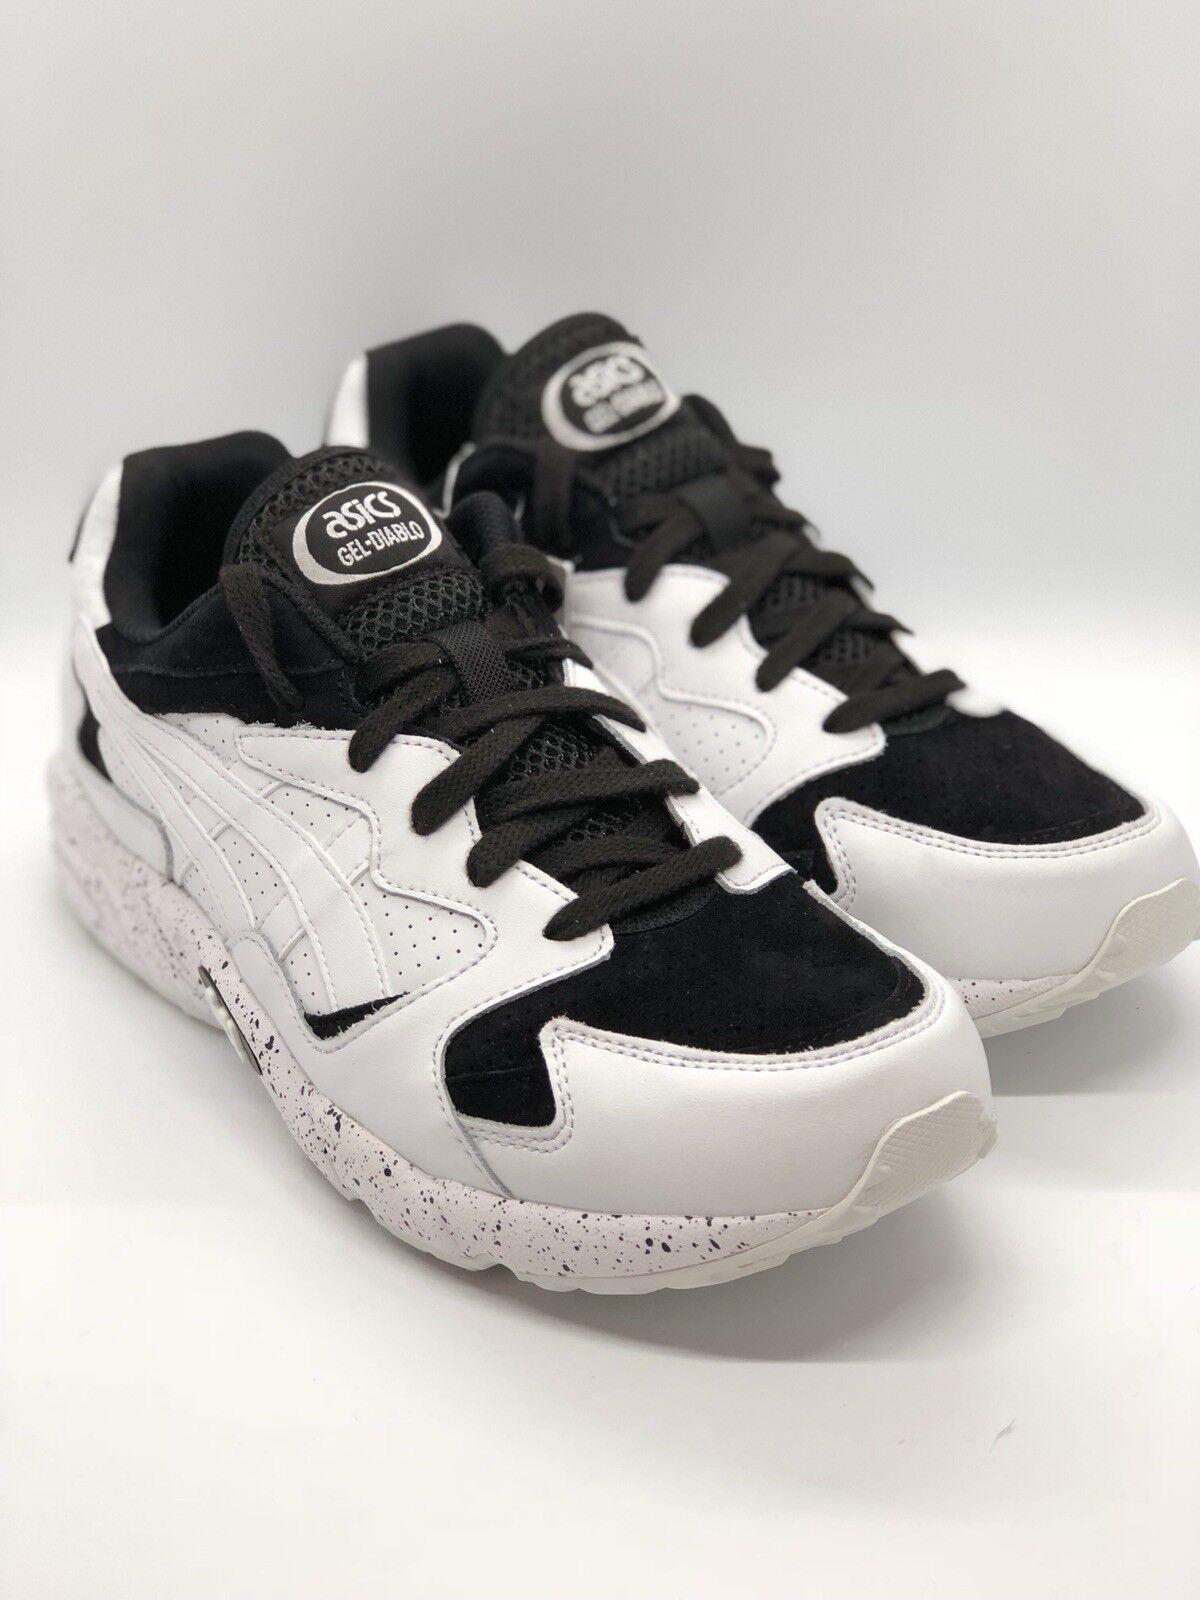 New Asics Mens Gel Diablo Diablo Gel Size 9 Running Shoes Black / White HL7K2-0101 6c2259